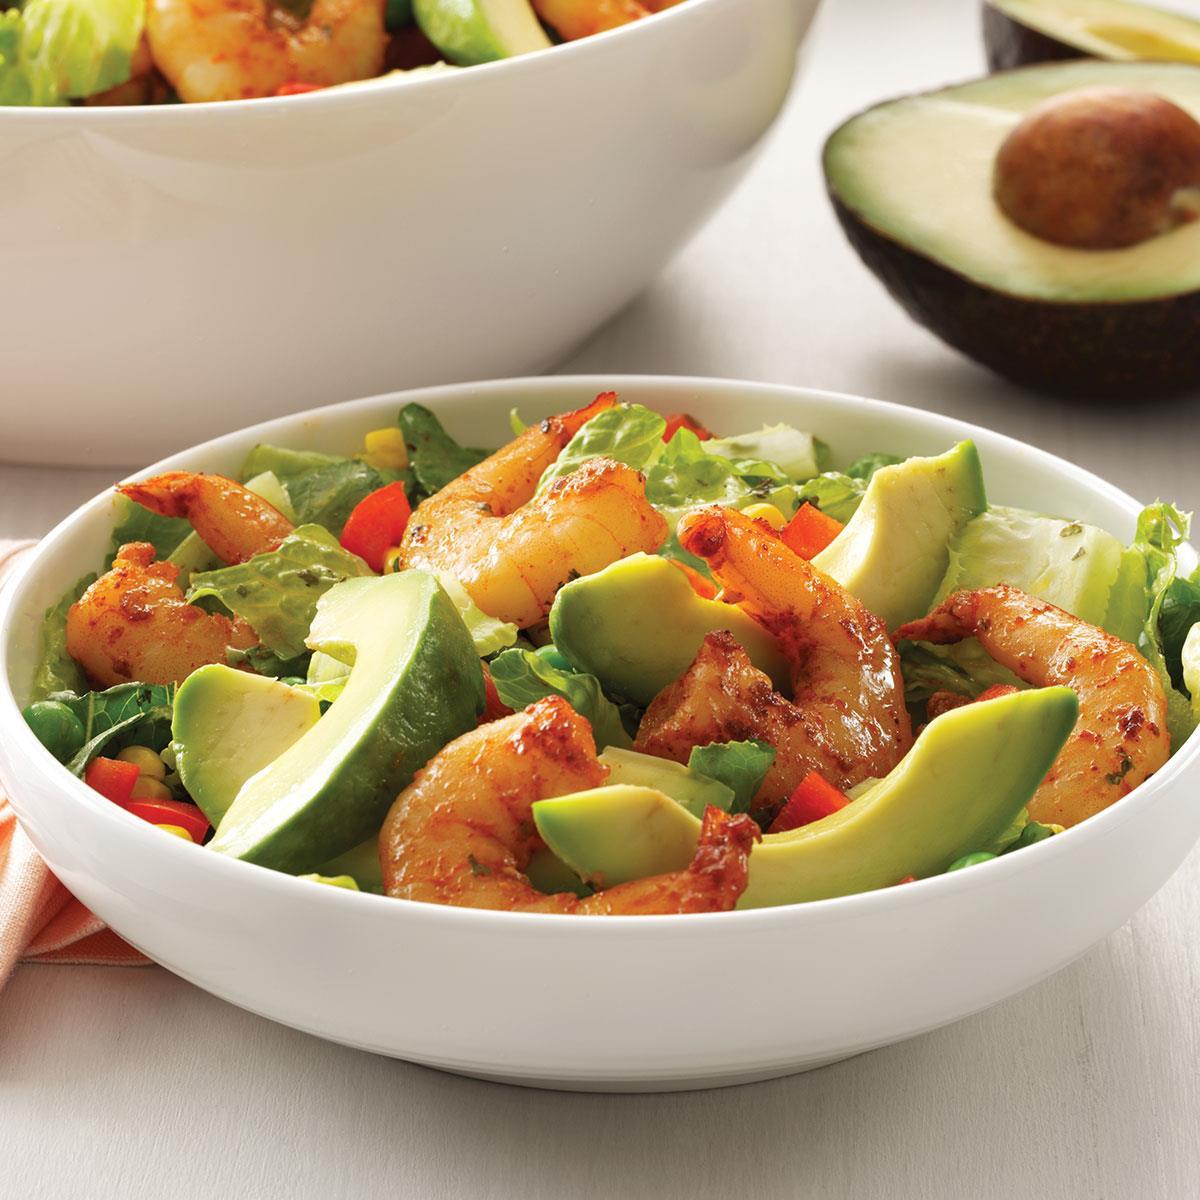 Shrimp Salad Dressing  Shrimp Salad with Cilantro Dressing Recipe